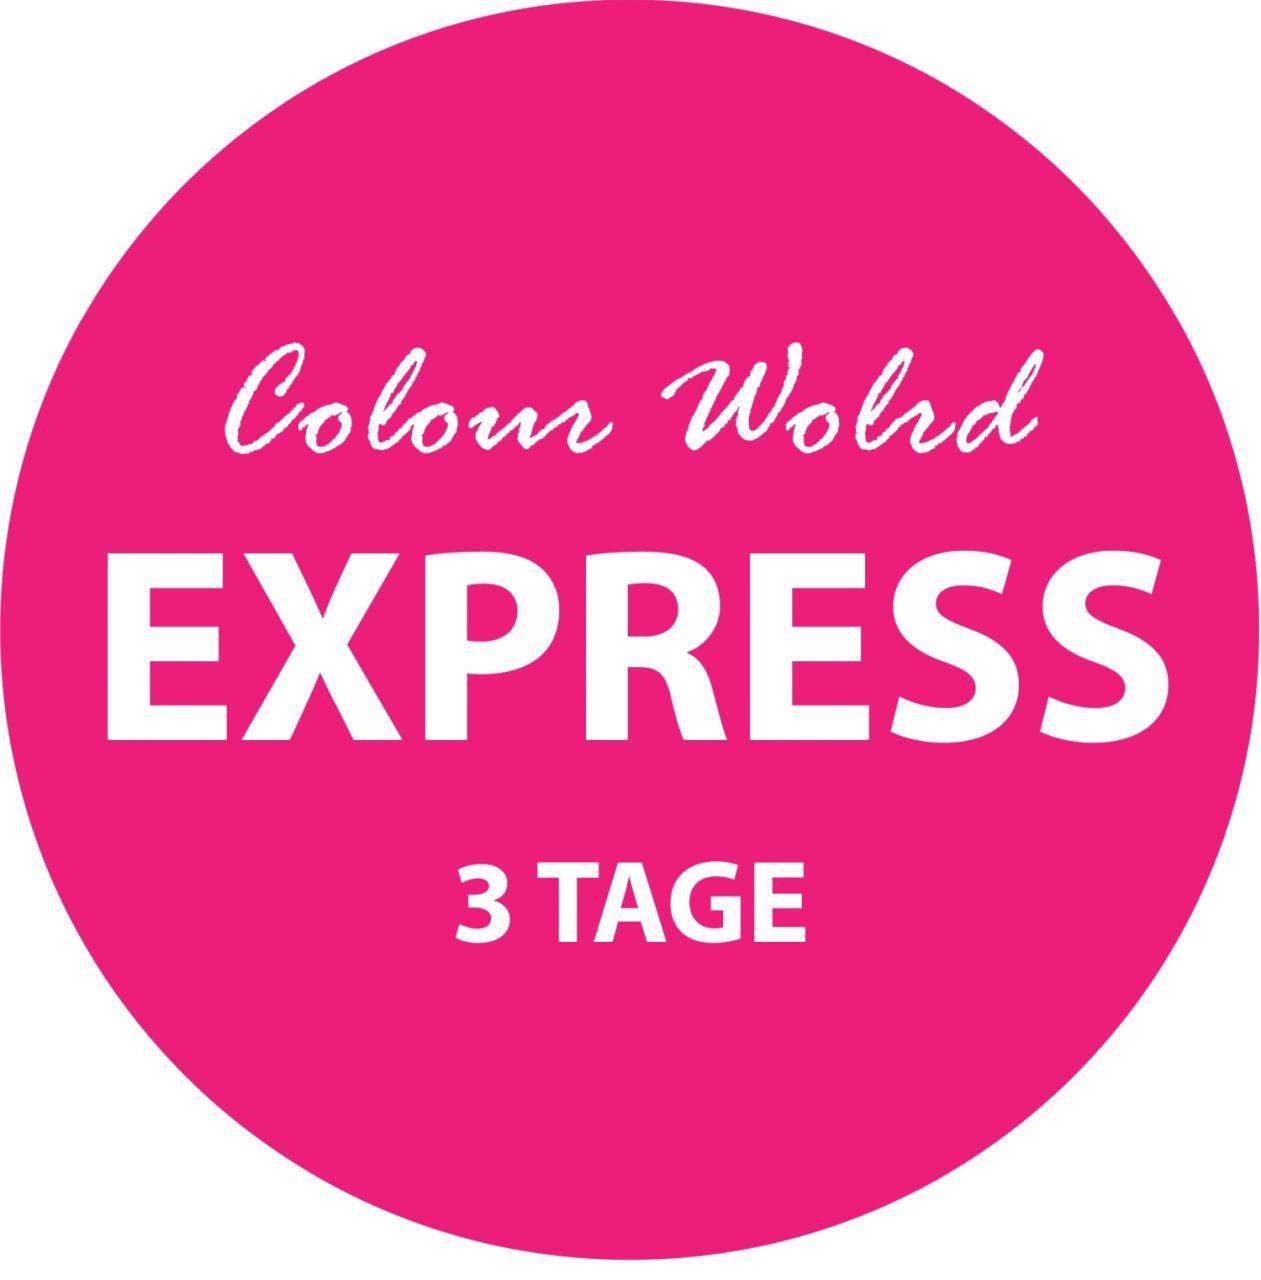 Express Färbeservice ( 3 Tage )